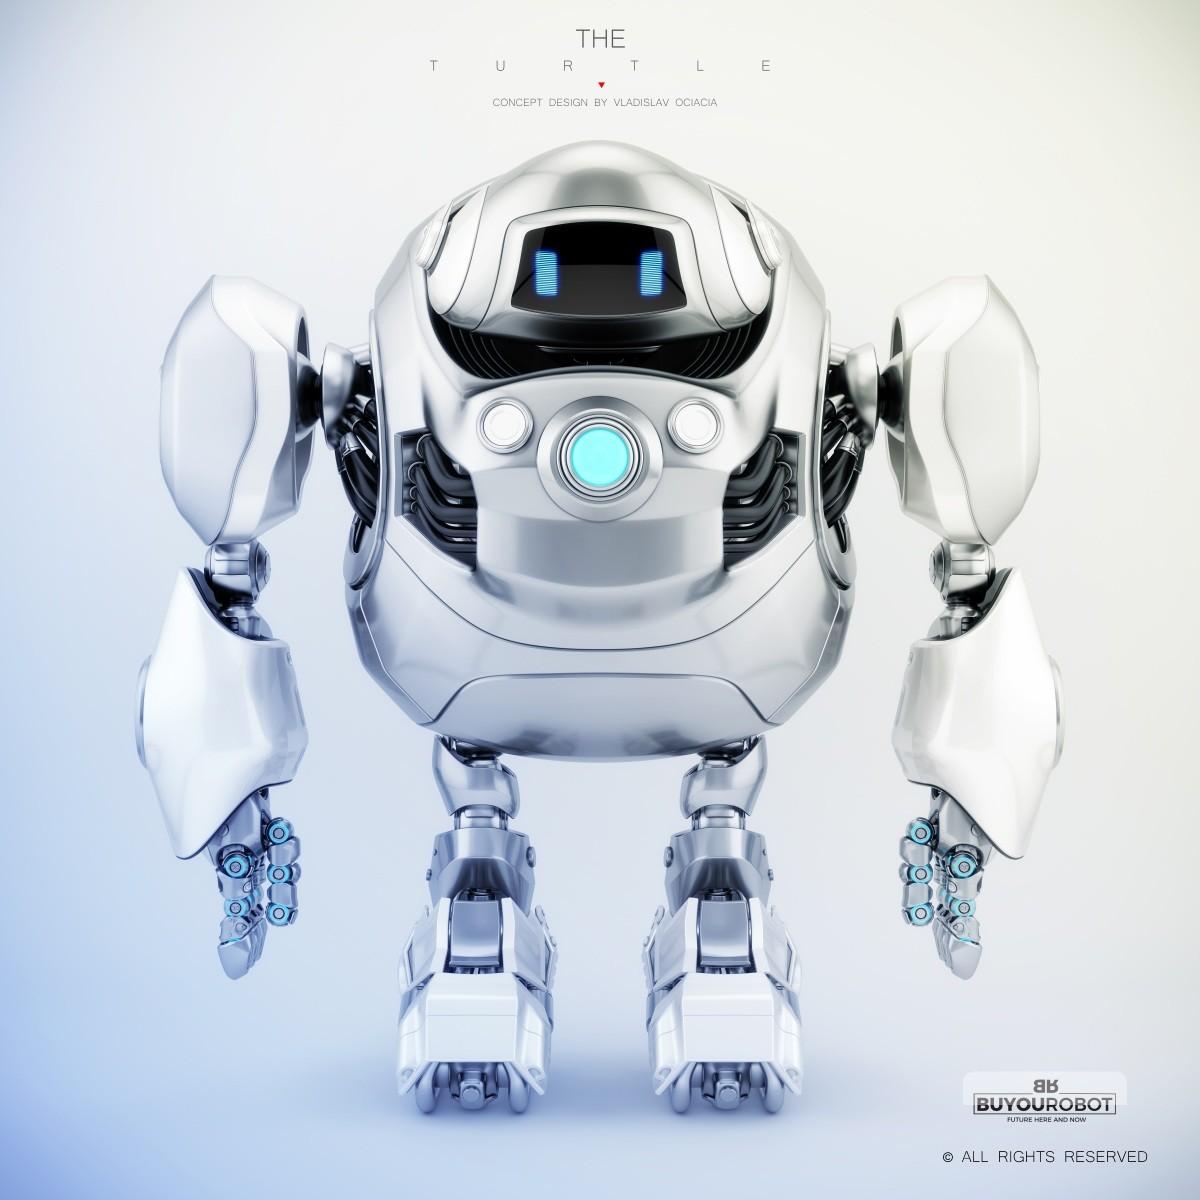 Vladislav ociacia cyber turtle robot 1